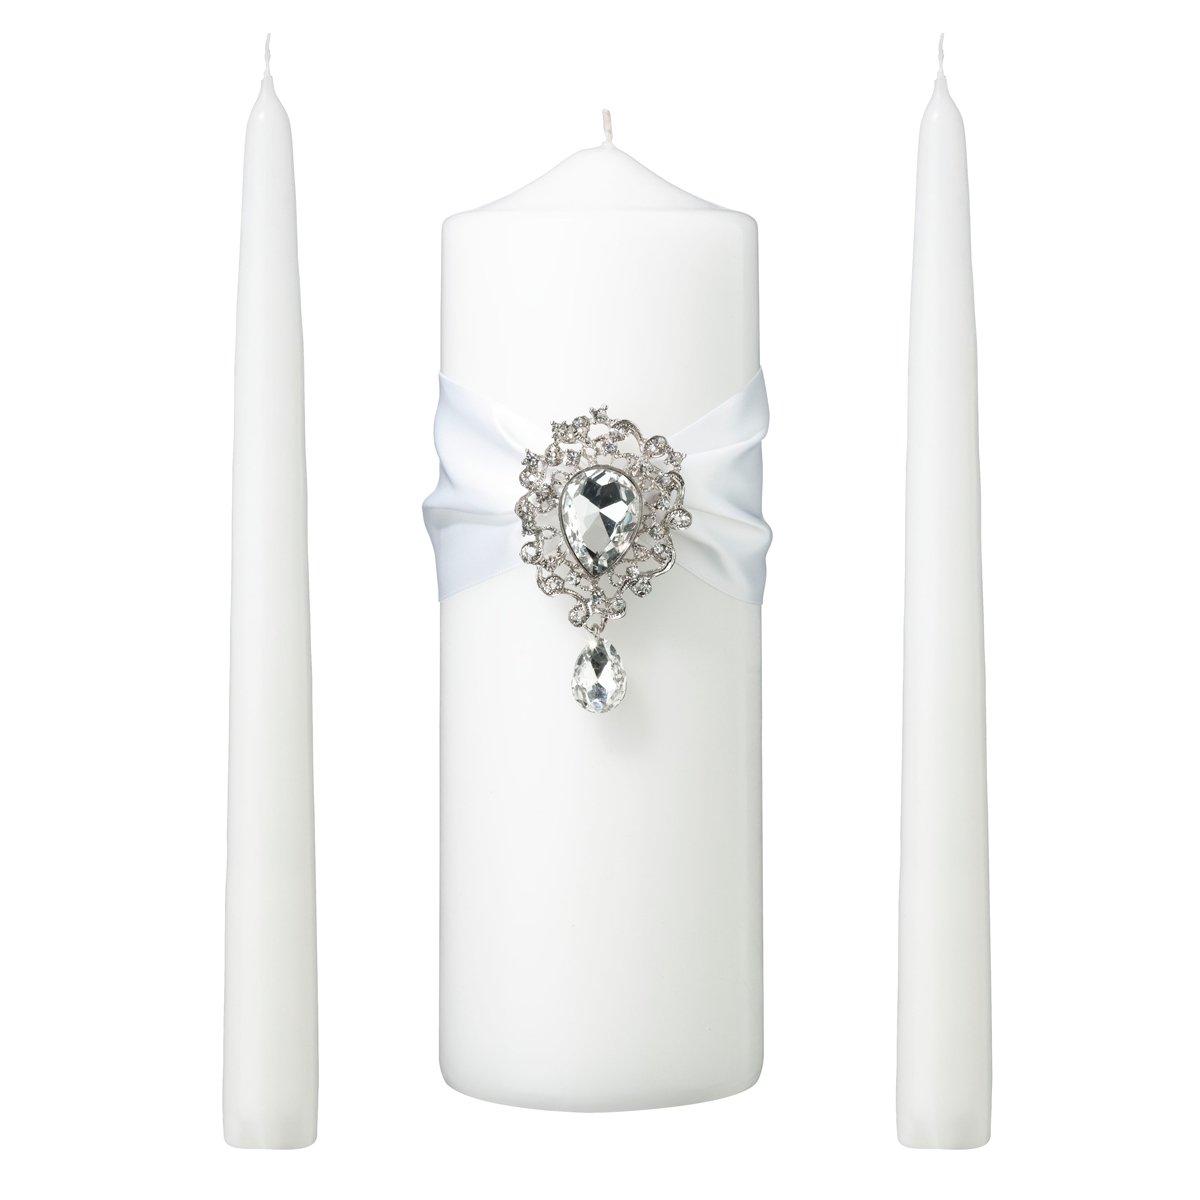 Lillian Rose AZ100001 W Jeweled Unity Candle Wedding Ceremony Set, White